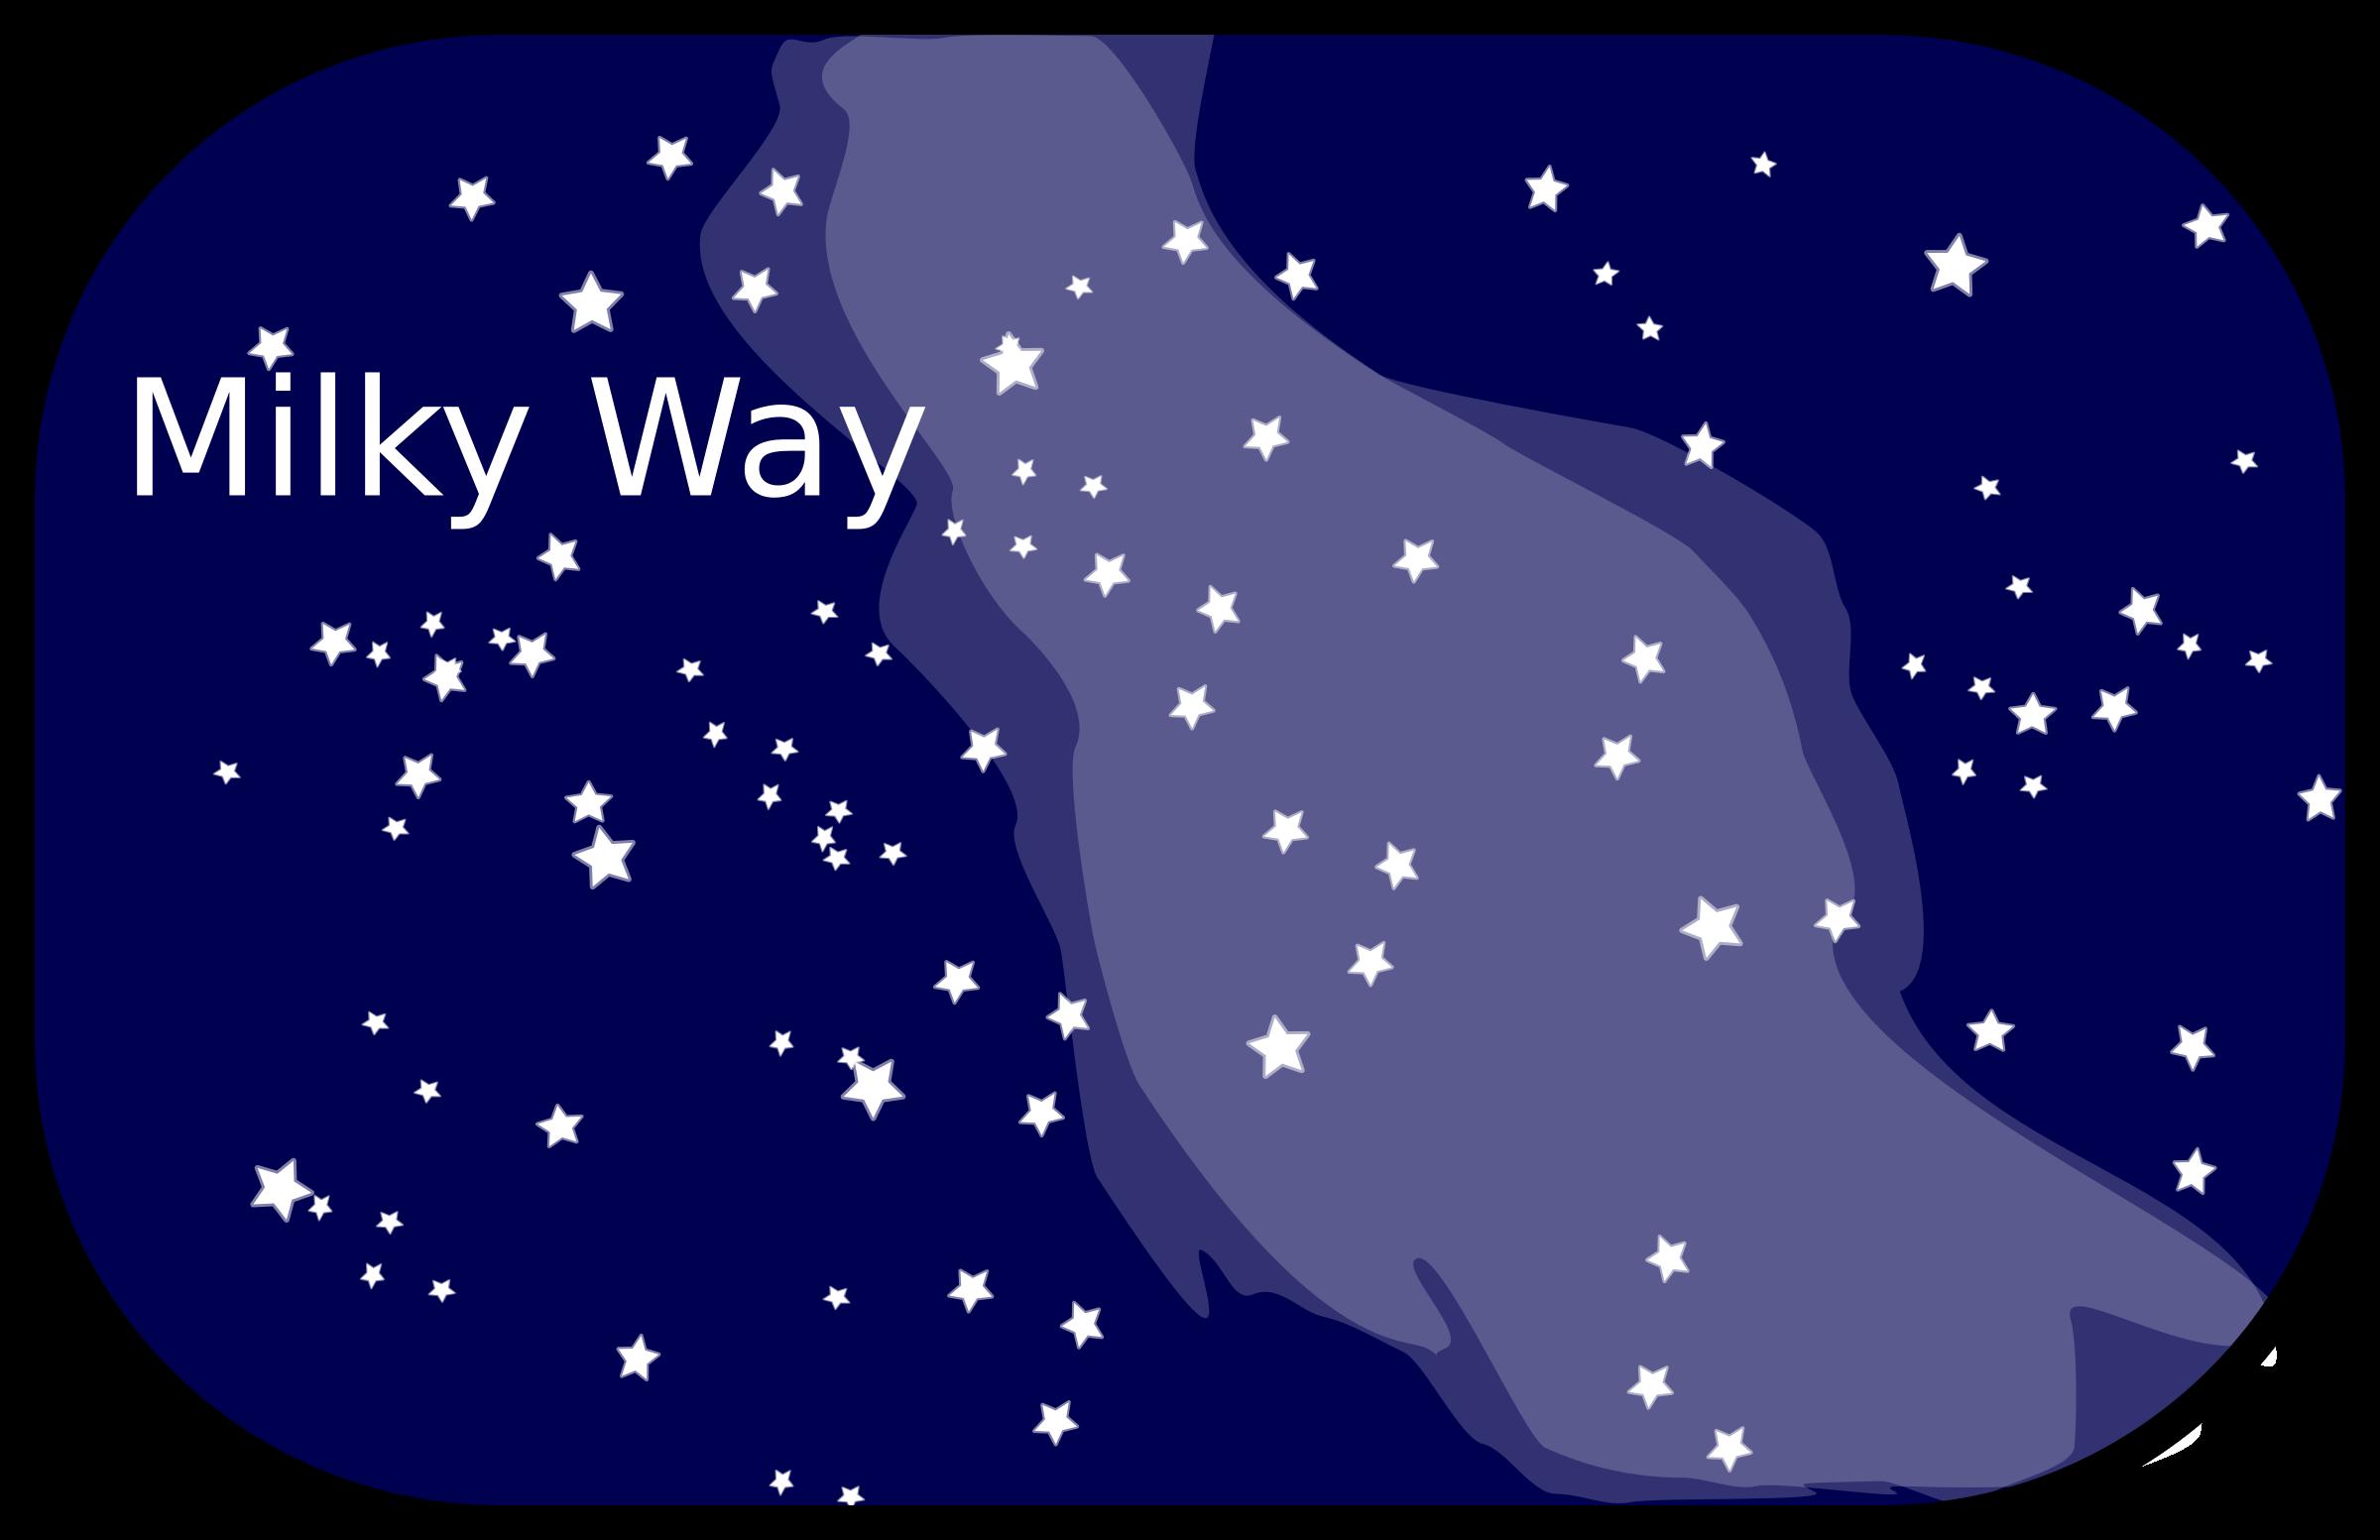 Milky Way clipart Way Milky #9 Download Milky